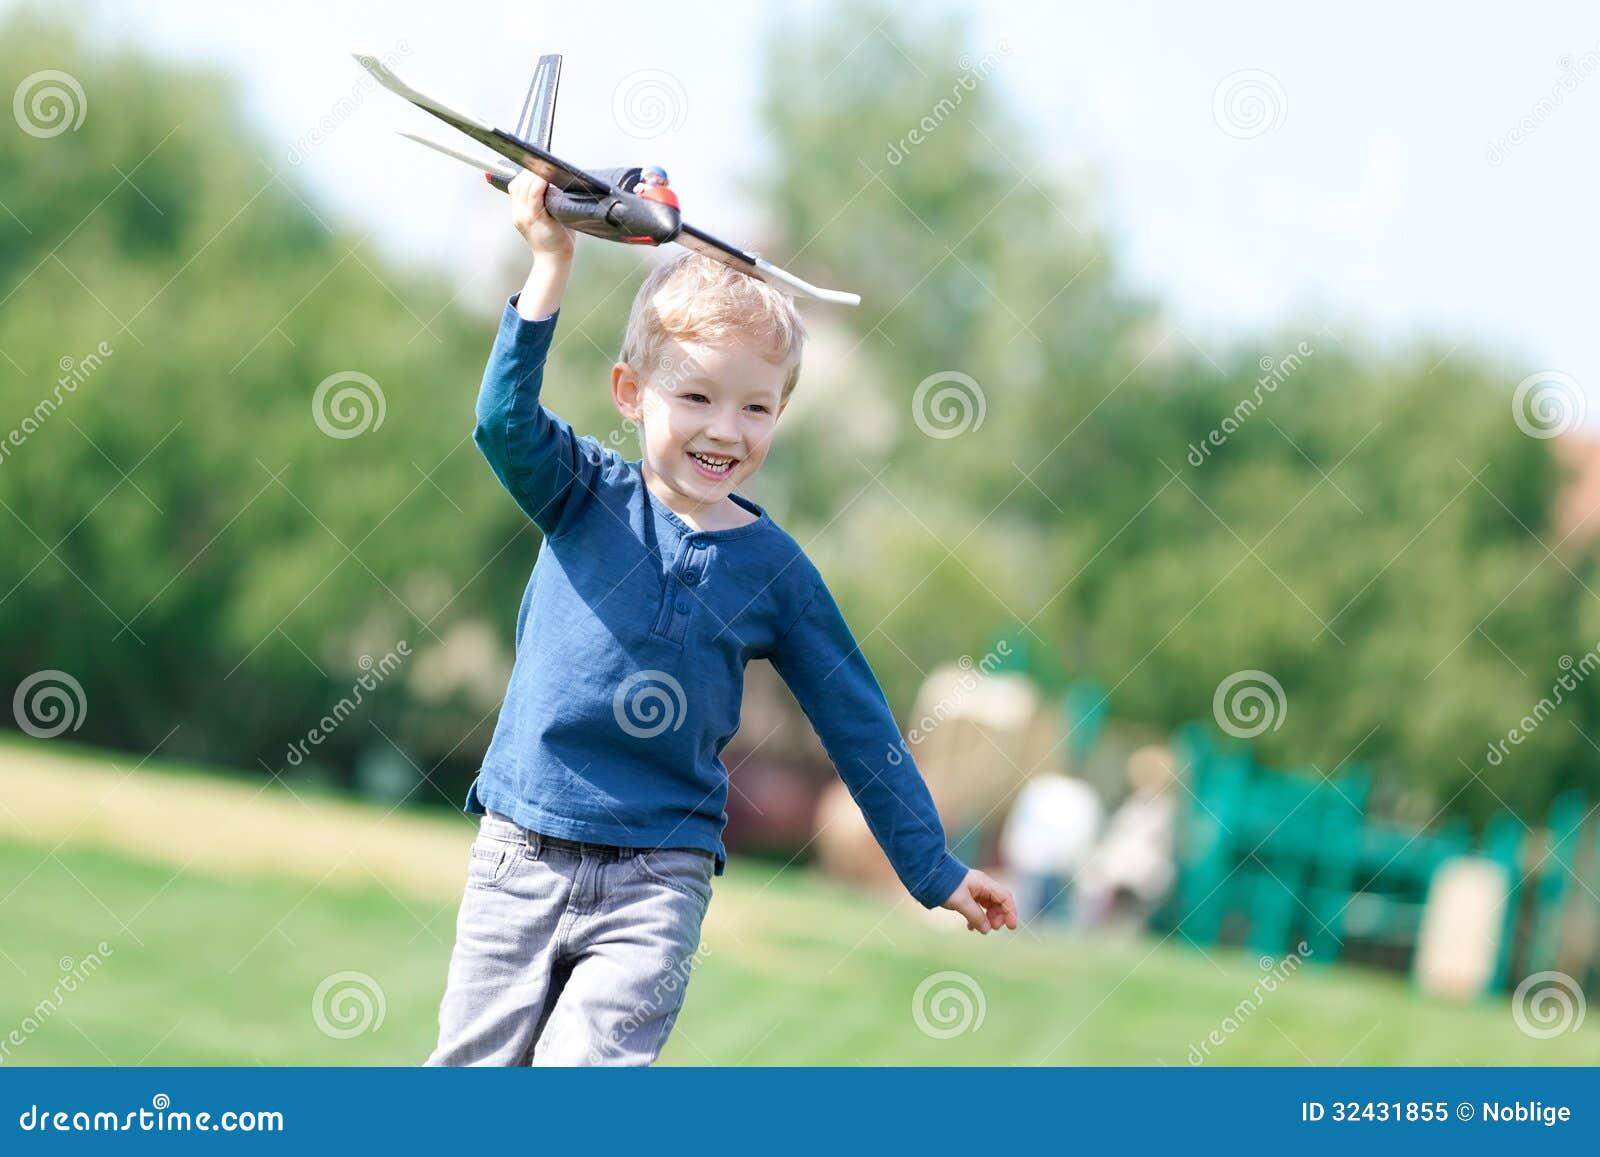 Kid Aeroplane Videos